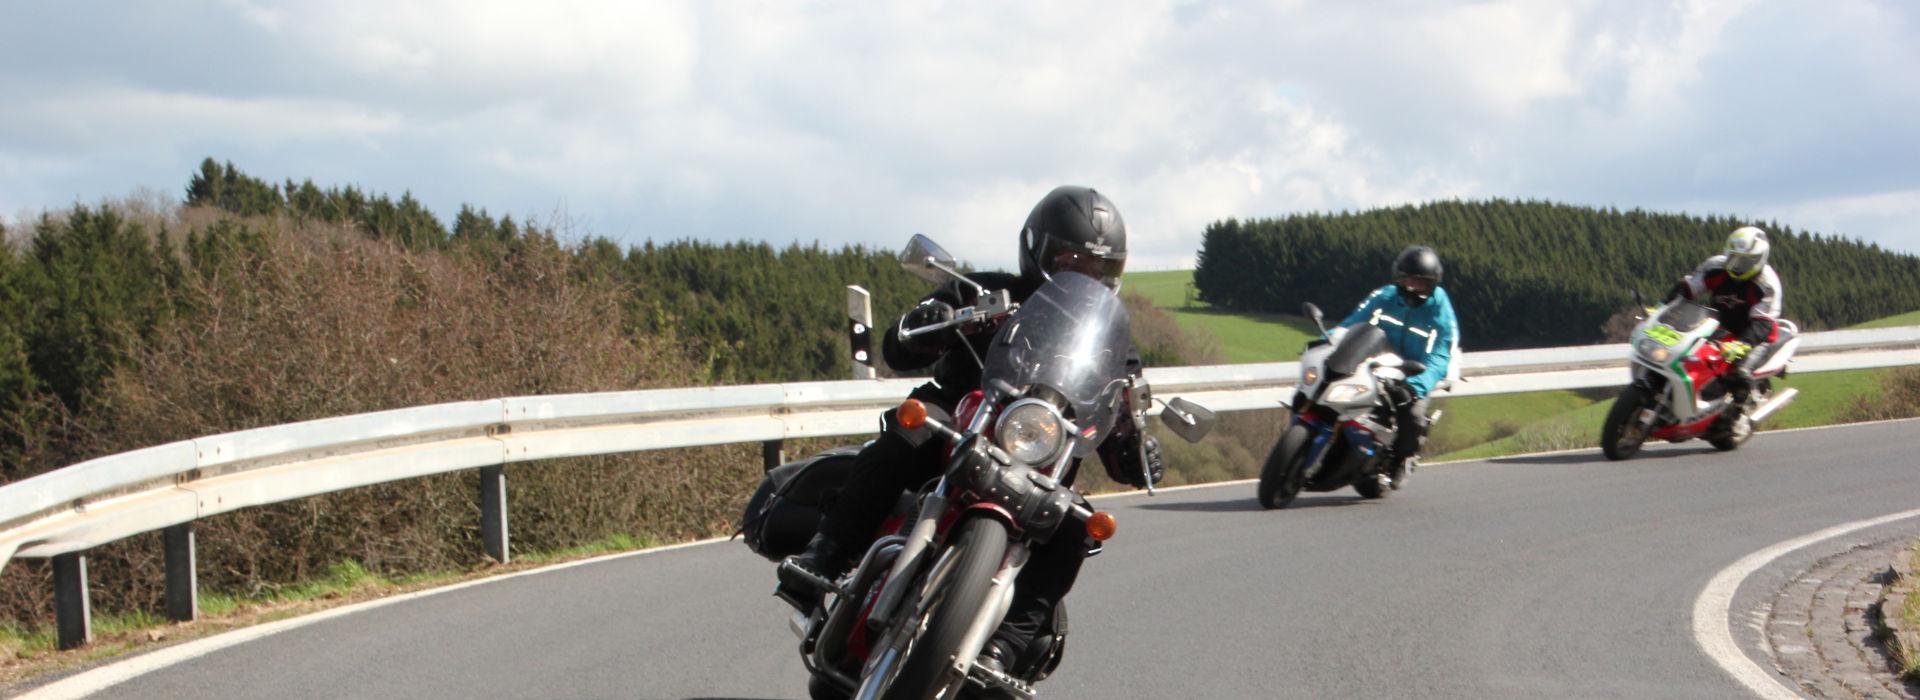 Motorrijbewijspoint Hoorn motorrijlessen